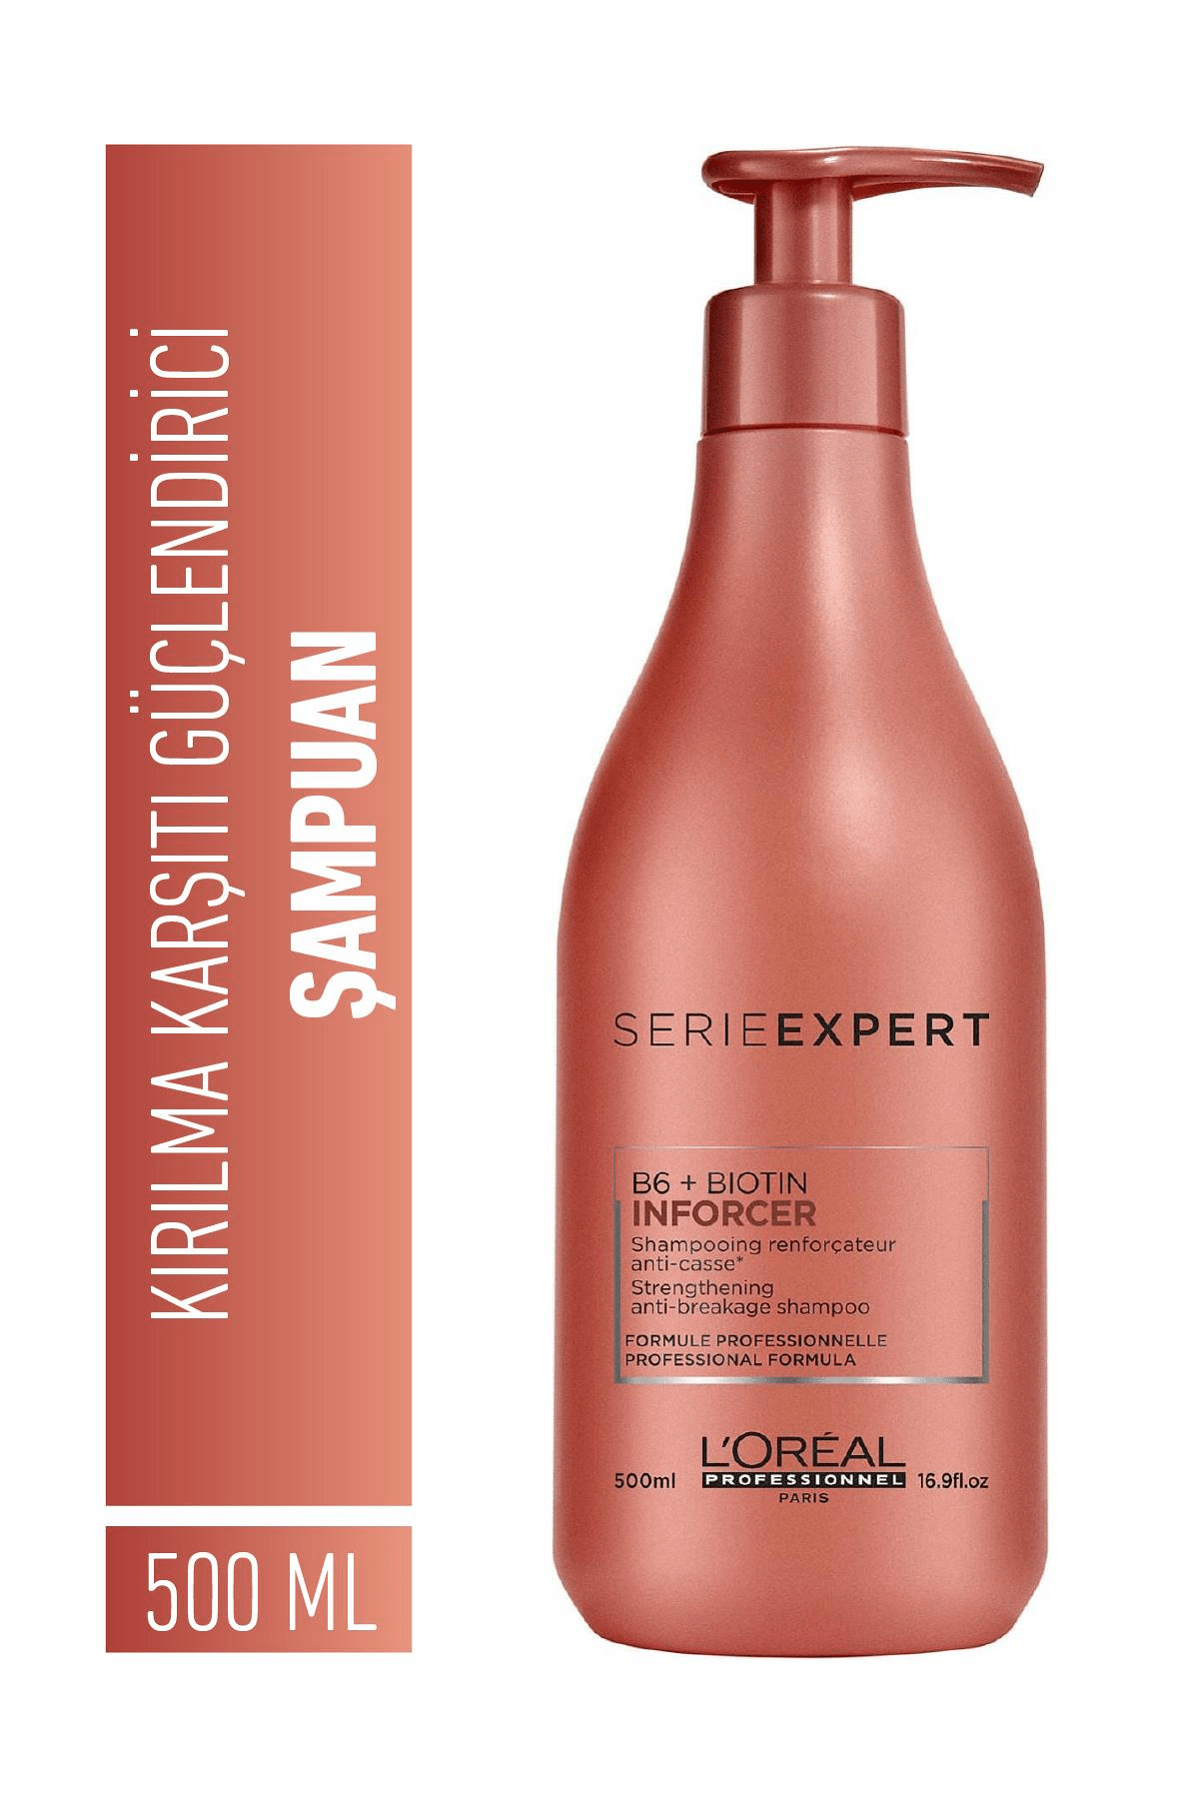 L'oreal Professionnel Serie Expert Inforcer Kırılma Karşıtı Güçlendirici Şampuan 500 ml